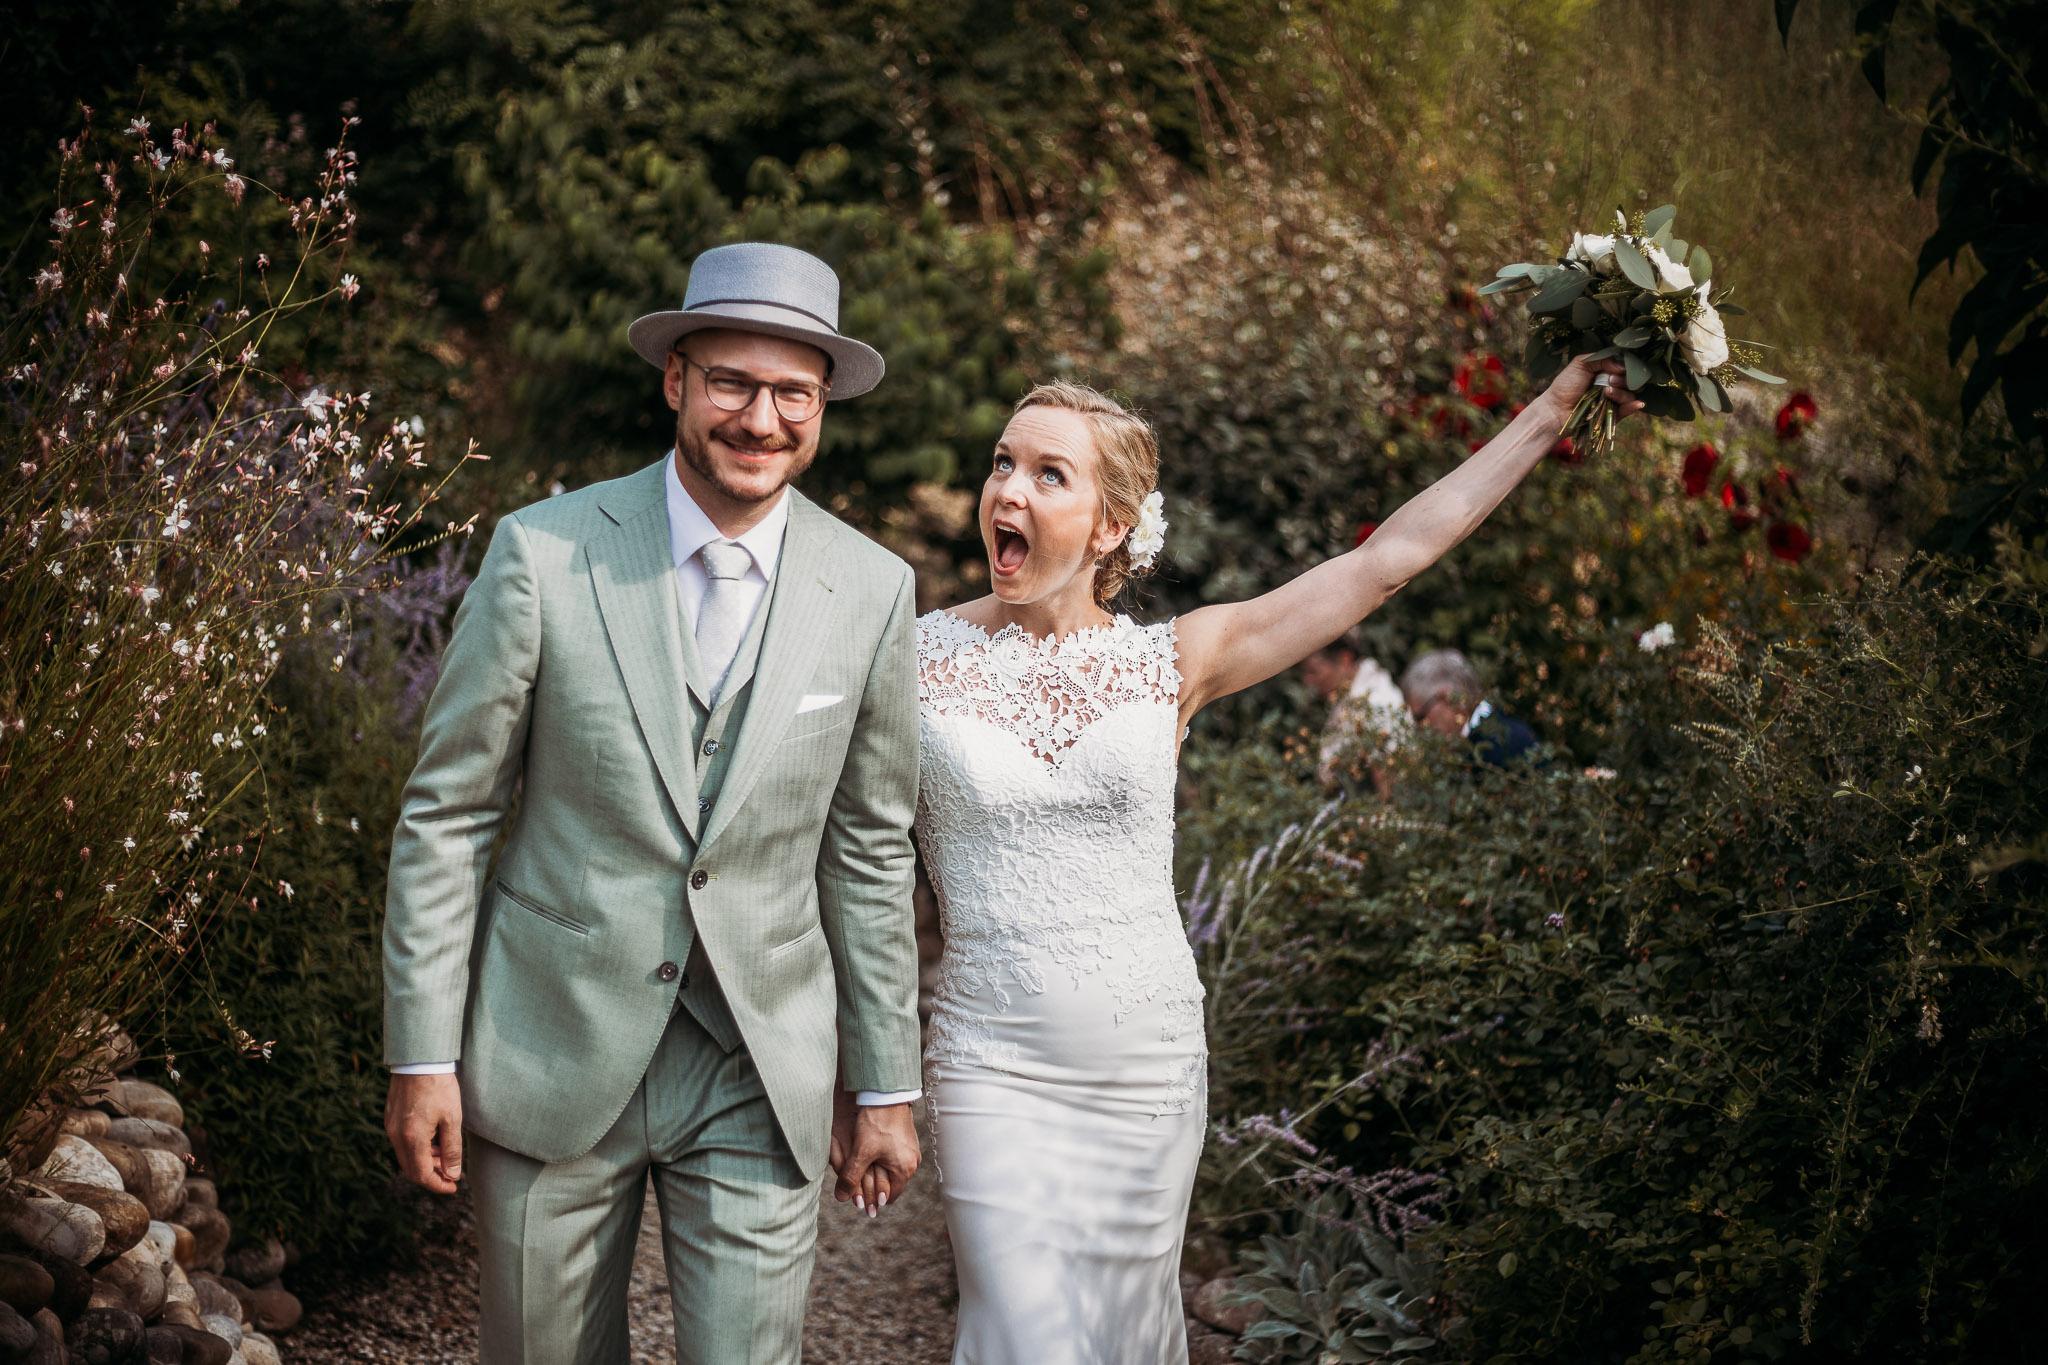 Bride celebrating right after the wedding ceremony at La Villa Hotel, Mombaruzzo